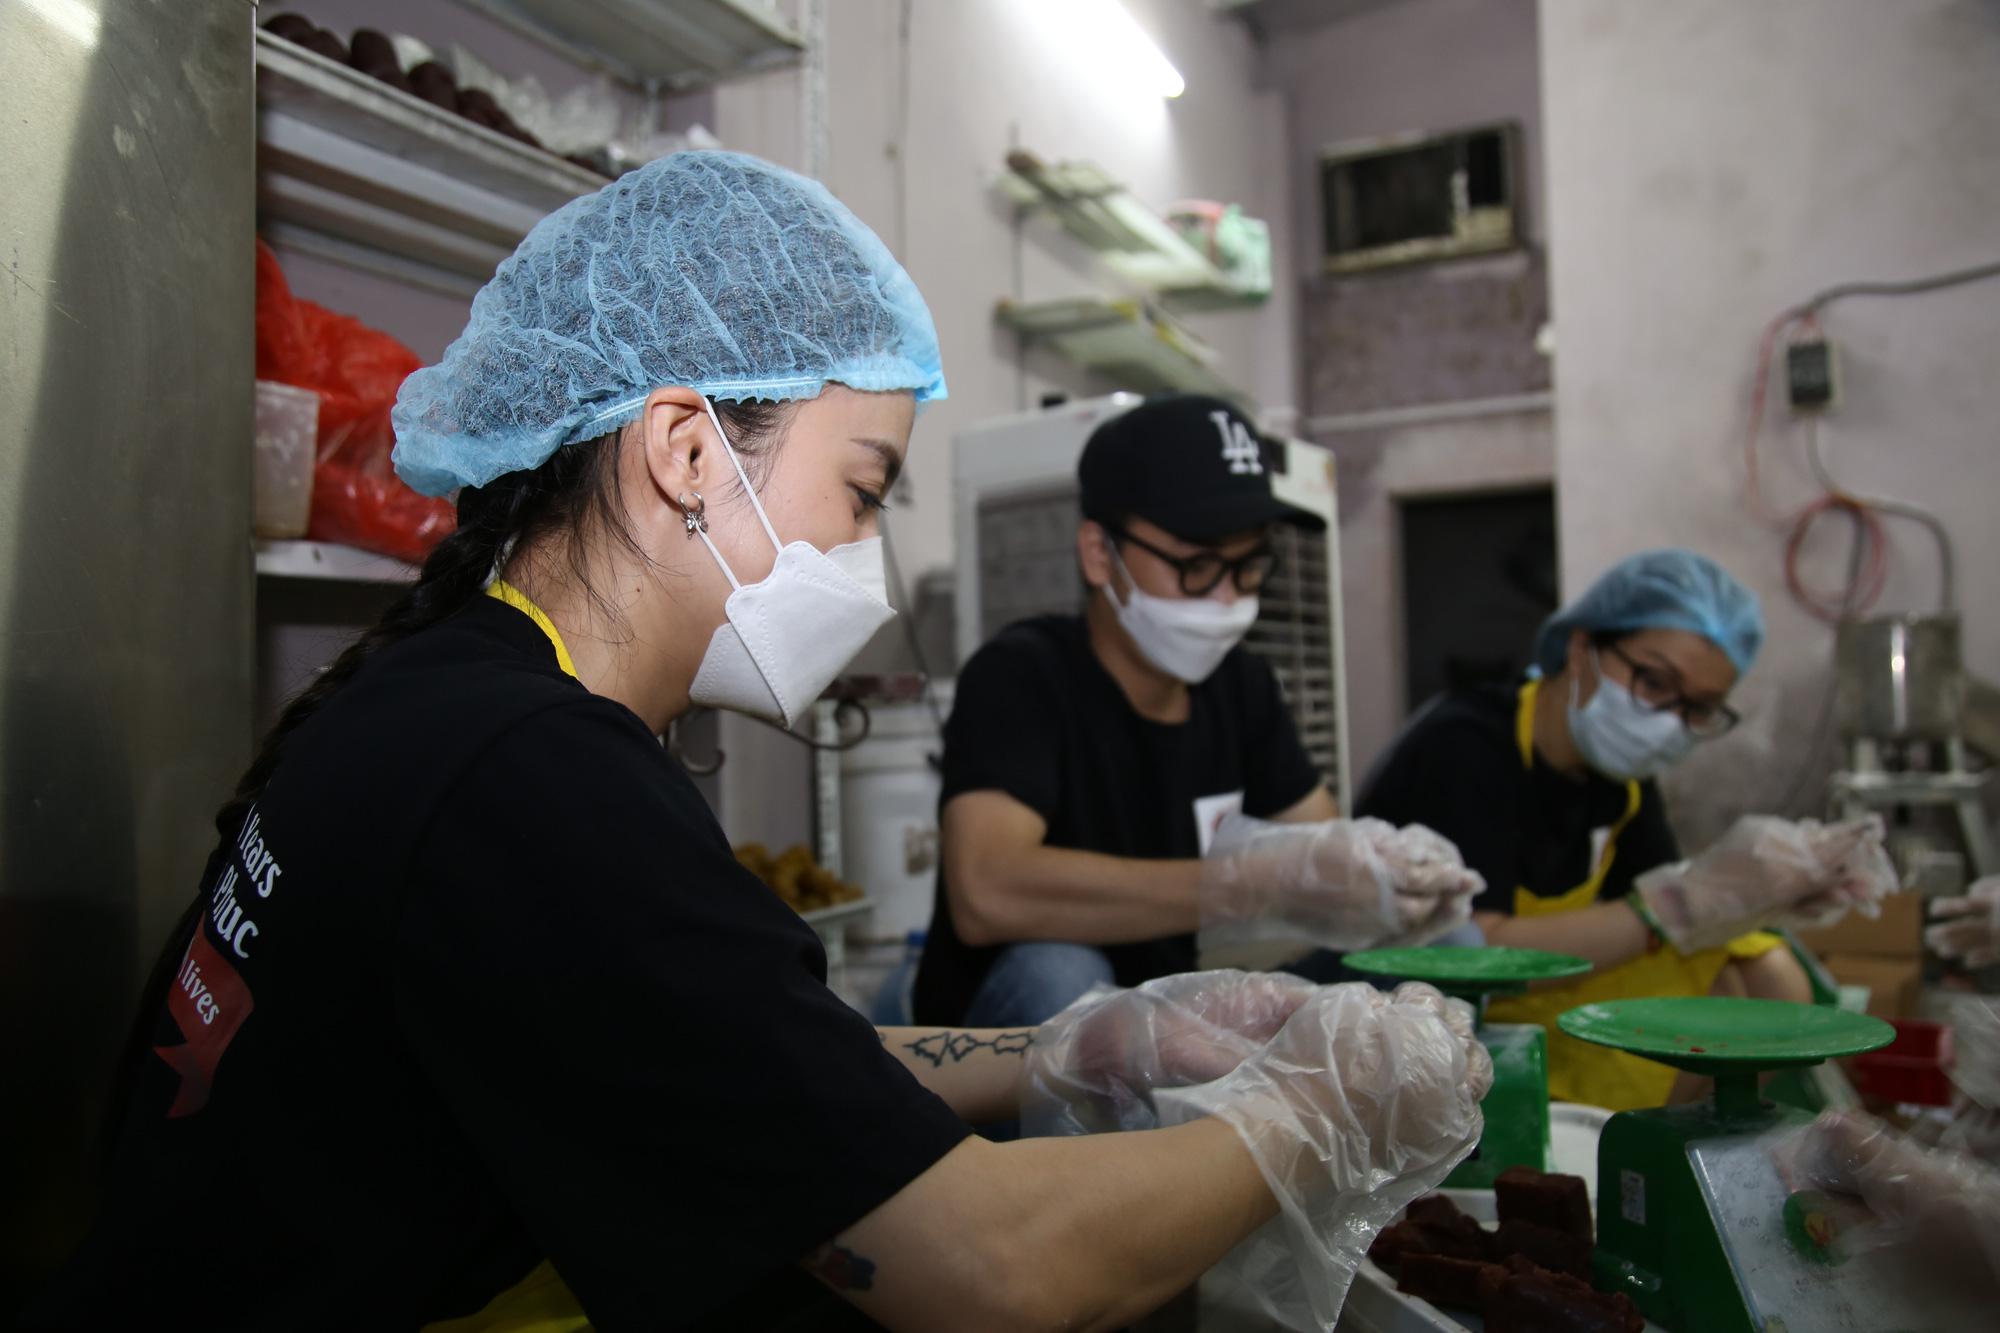 Hội Thầy thuốc trẻ, đại diện WHO tại Việt Nam xuống bếp làm bánh trung thu tặng tuyến đầu chống dịch - Ảnh 6.